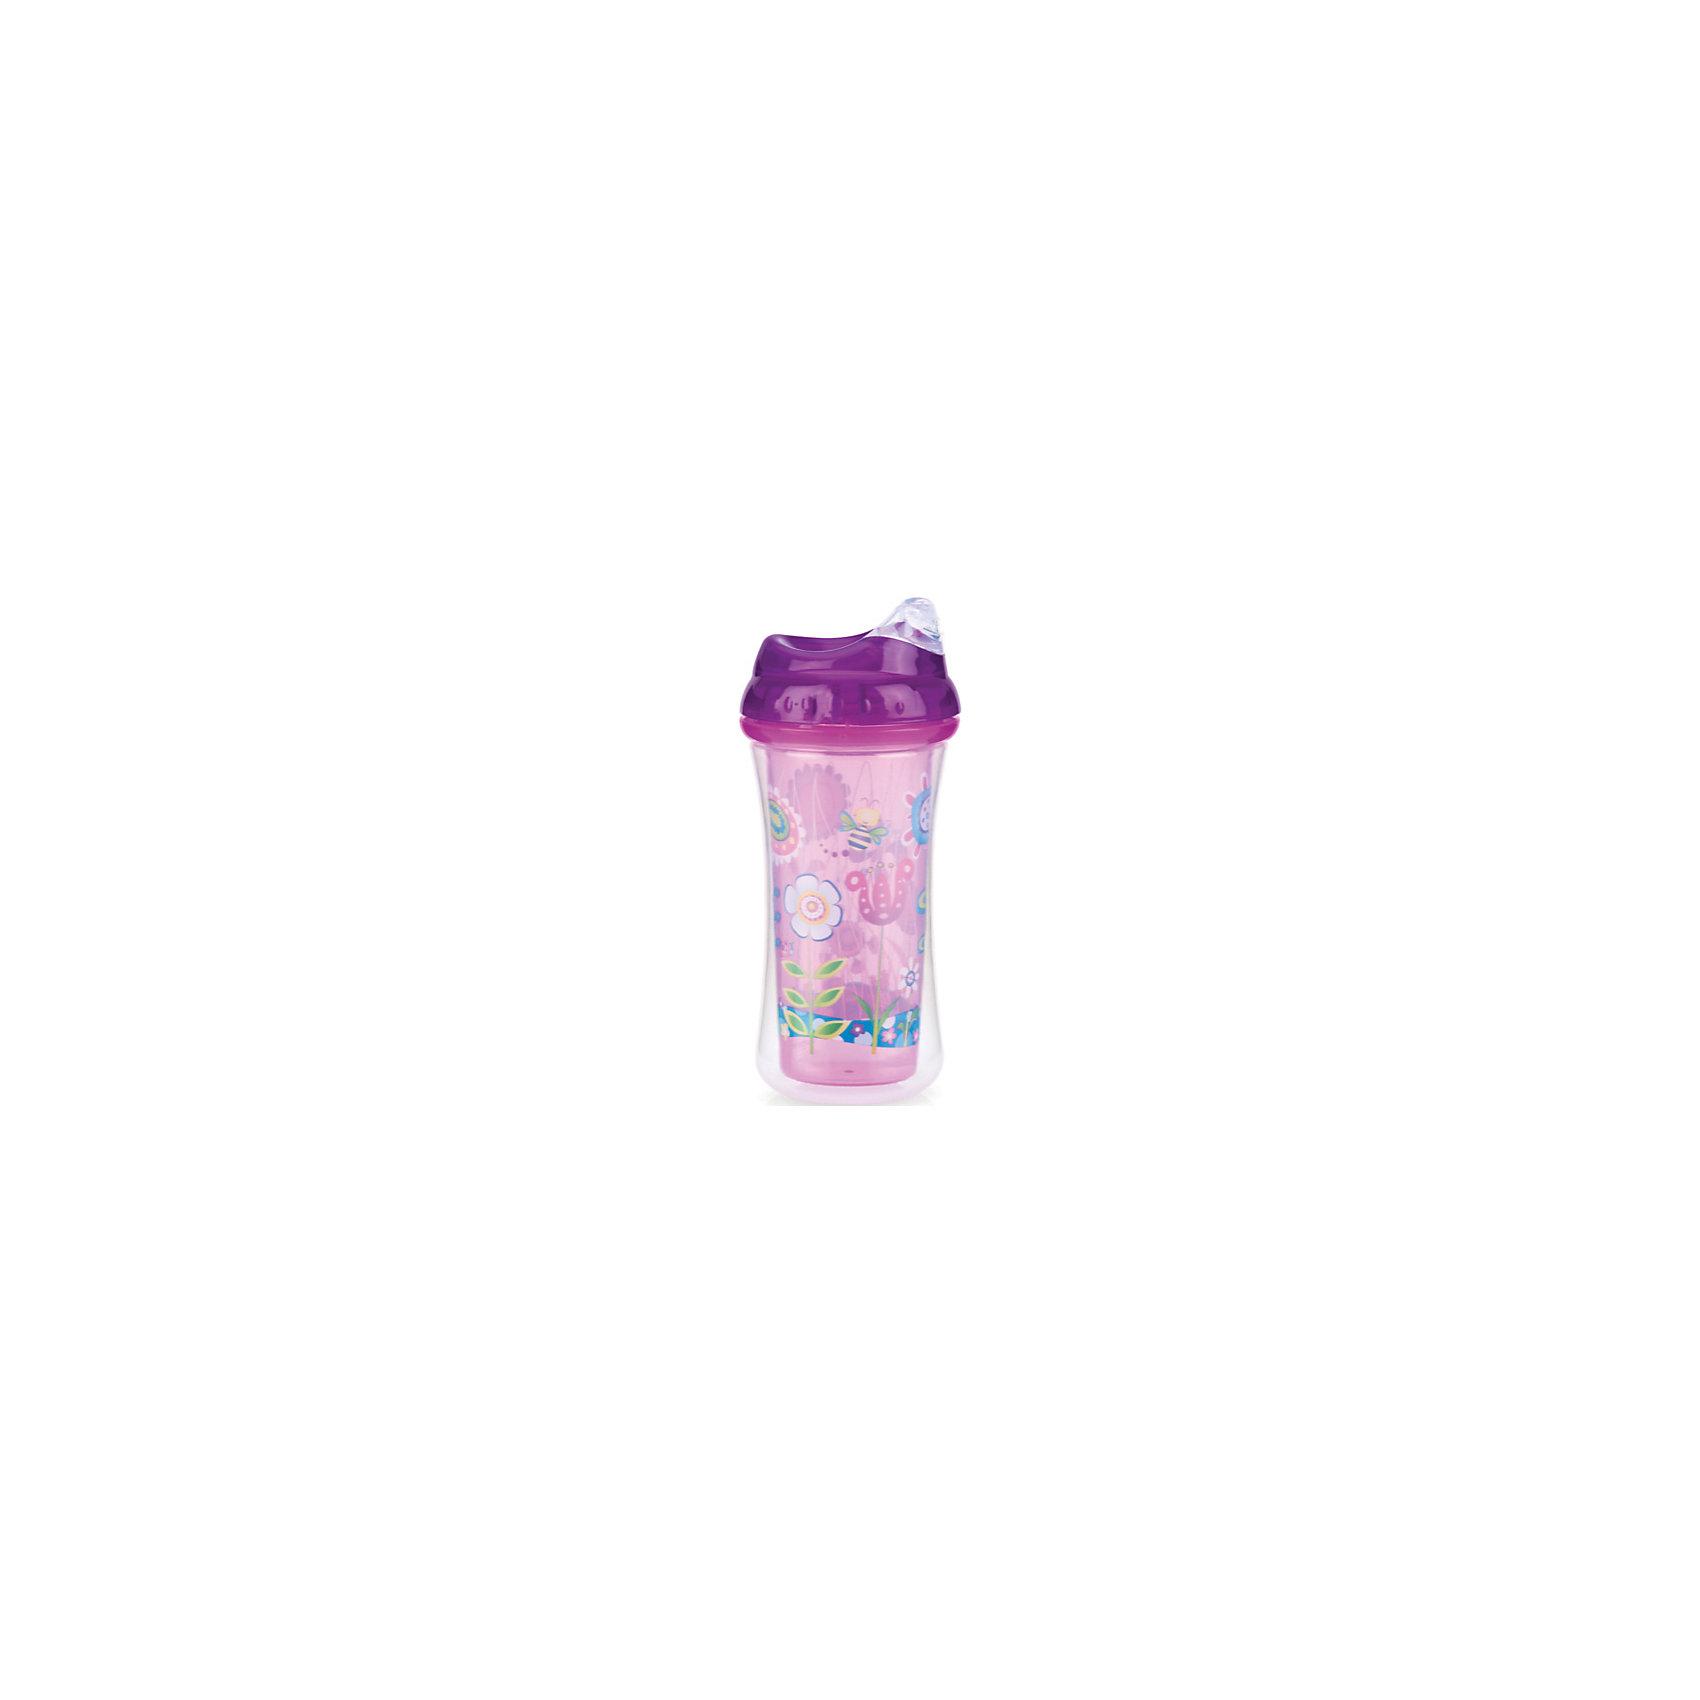 Поильник с силиконовым носиком-непроливайкой Цветы, Nuby, фиолетовый